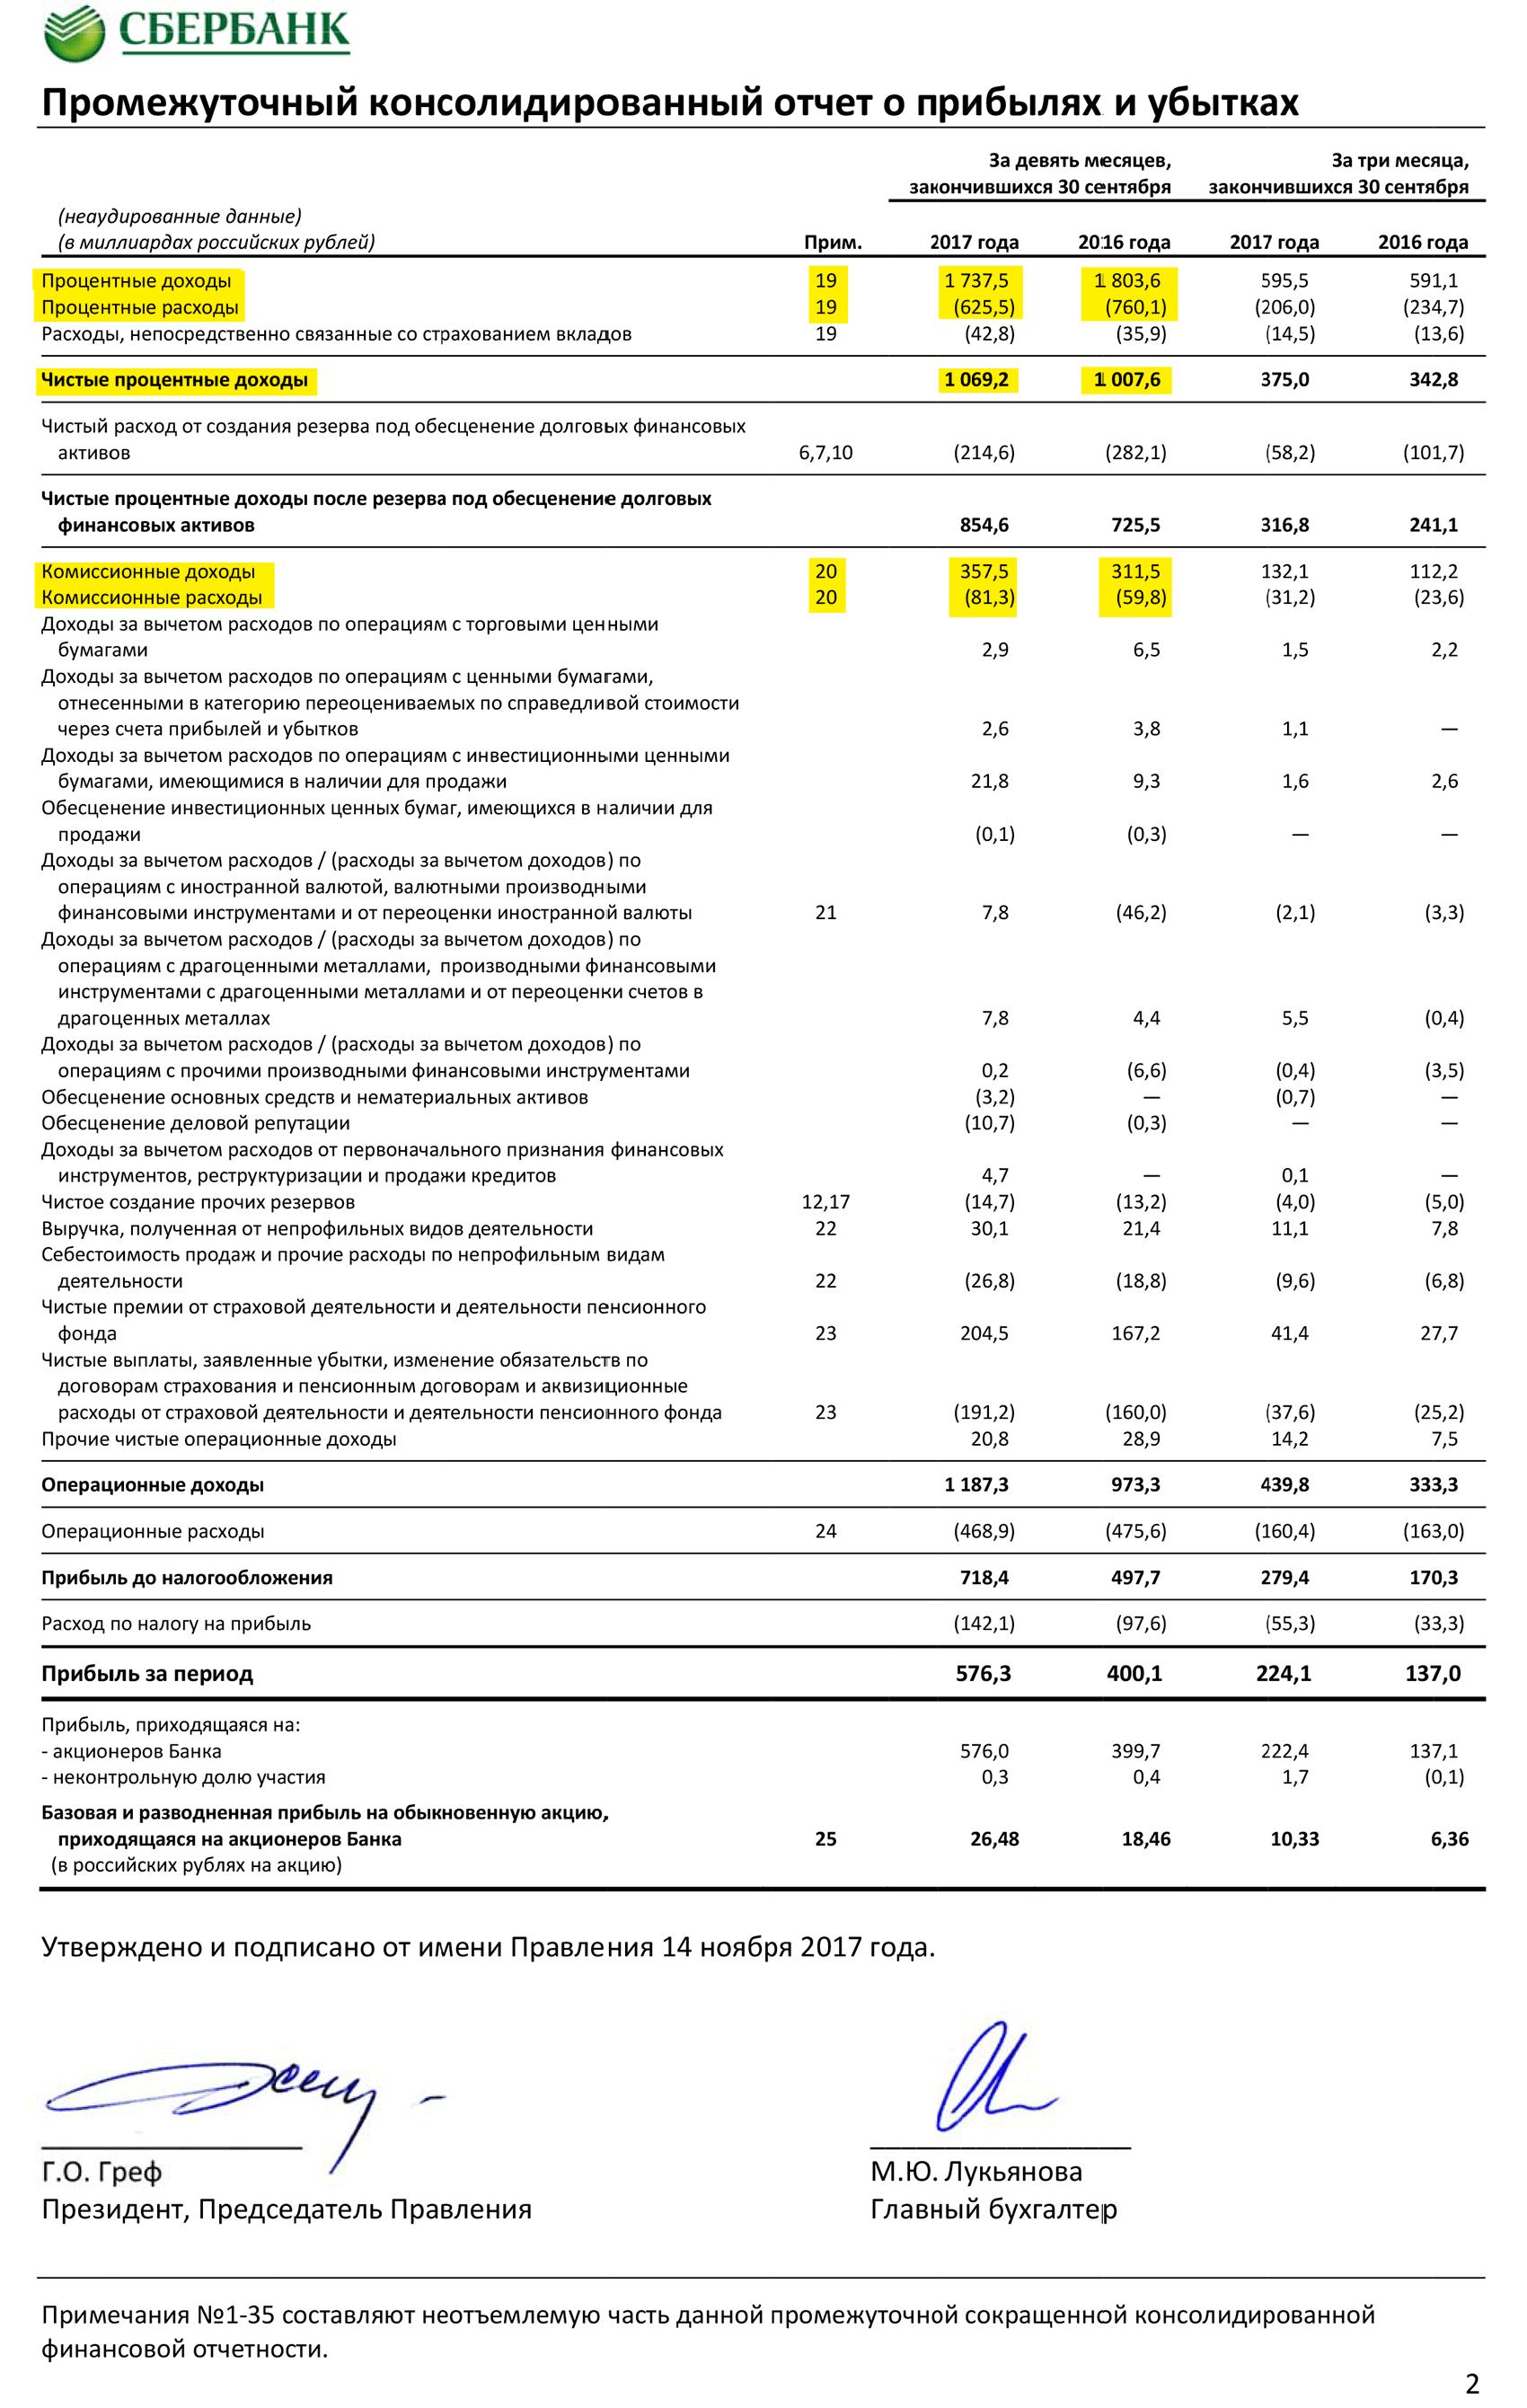 Страница 2 отчета Сбербанка по МСФО